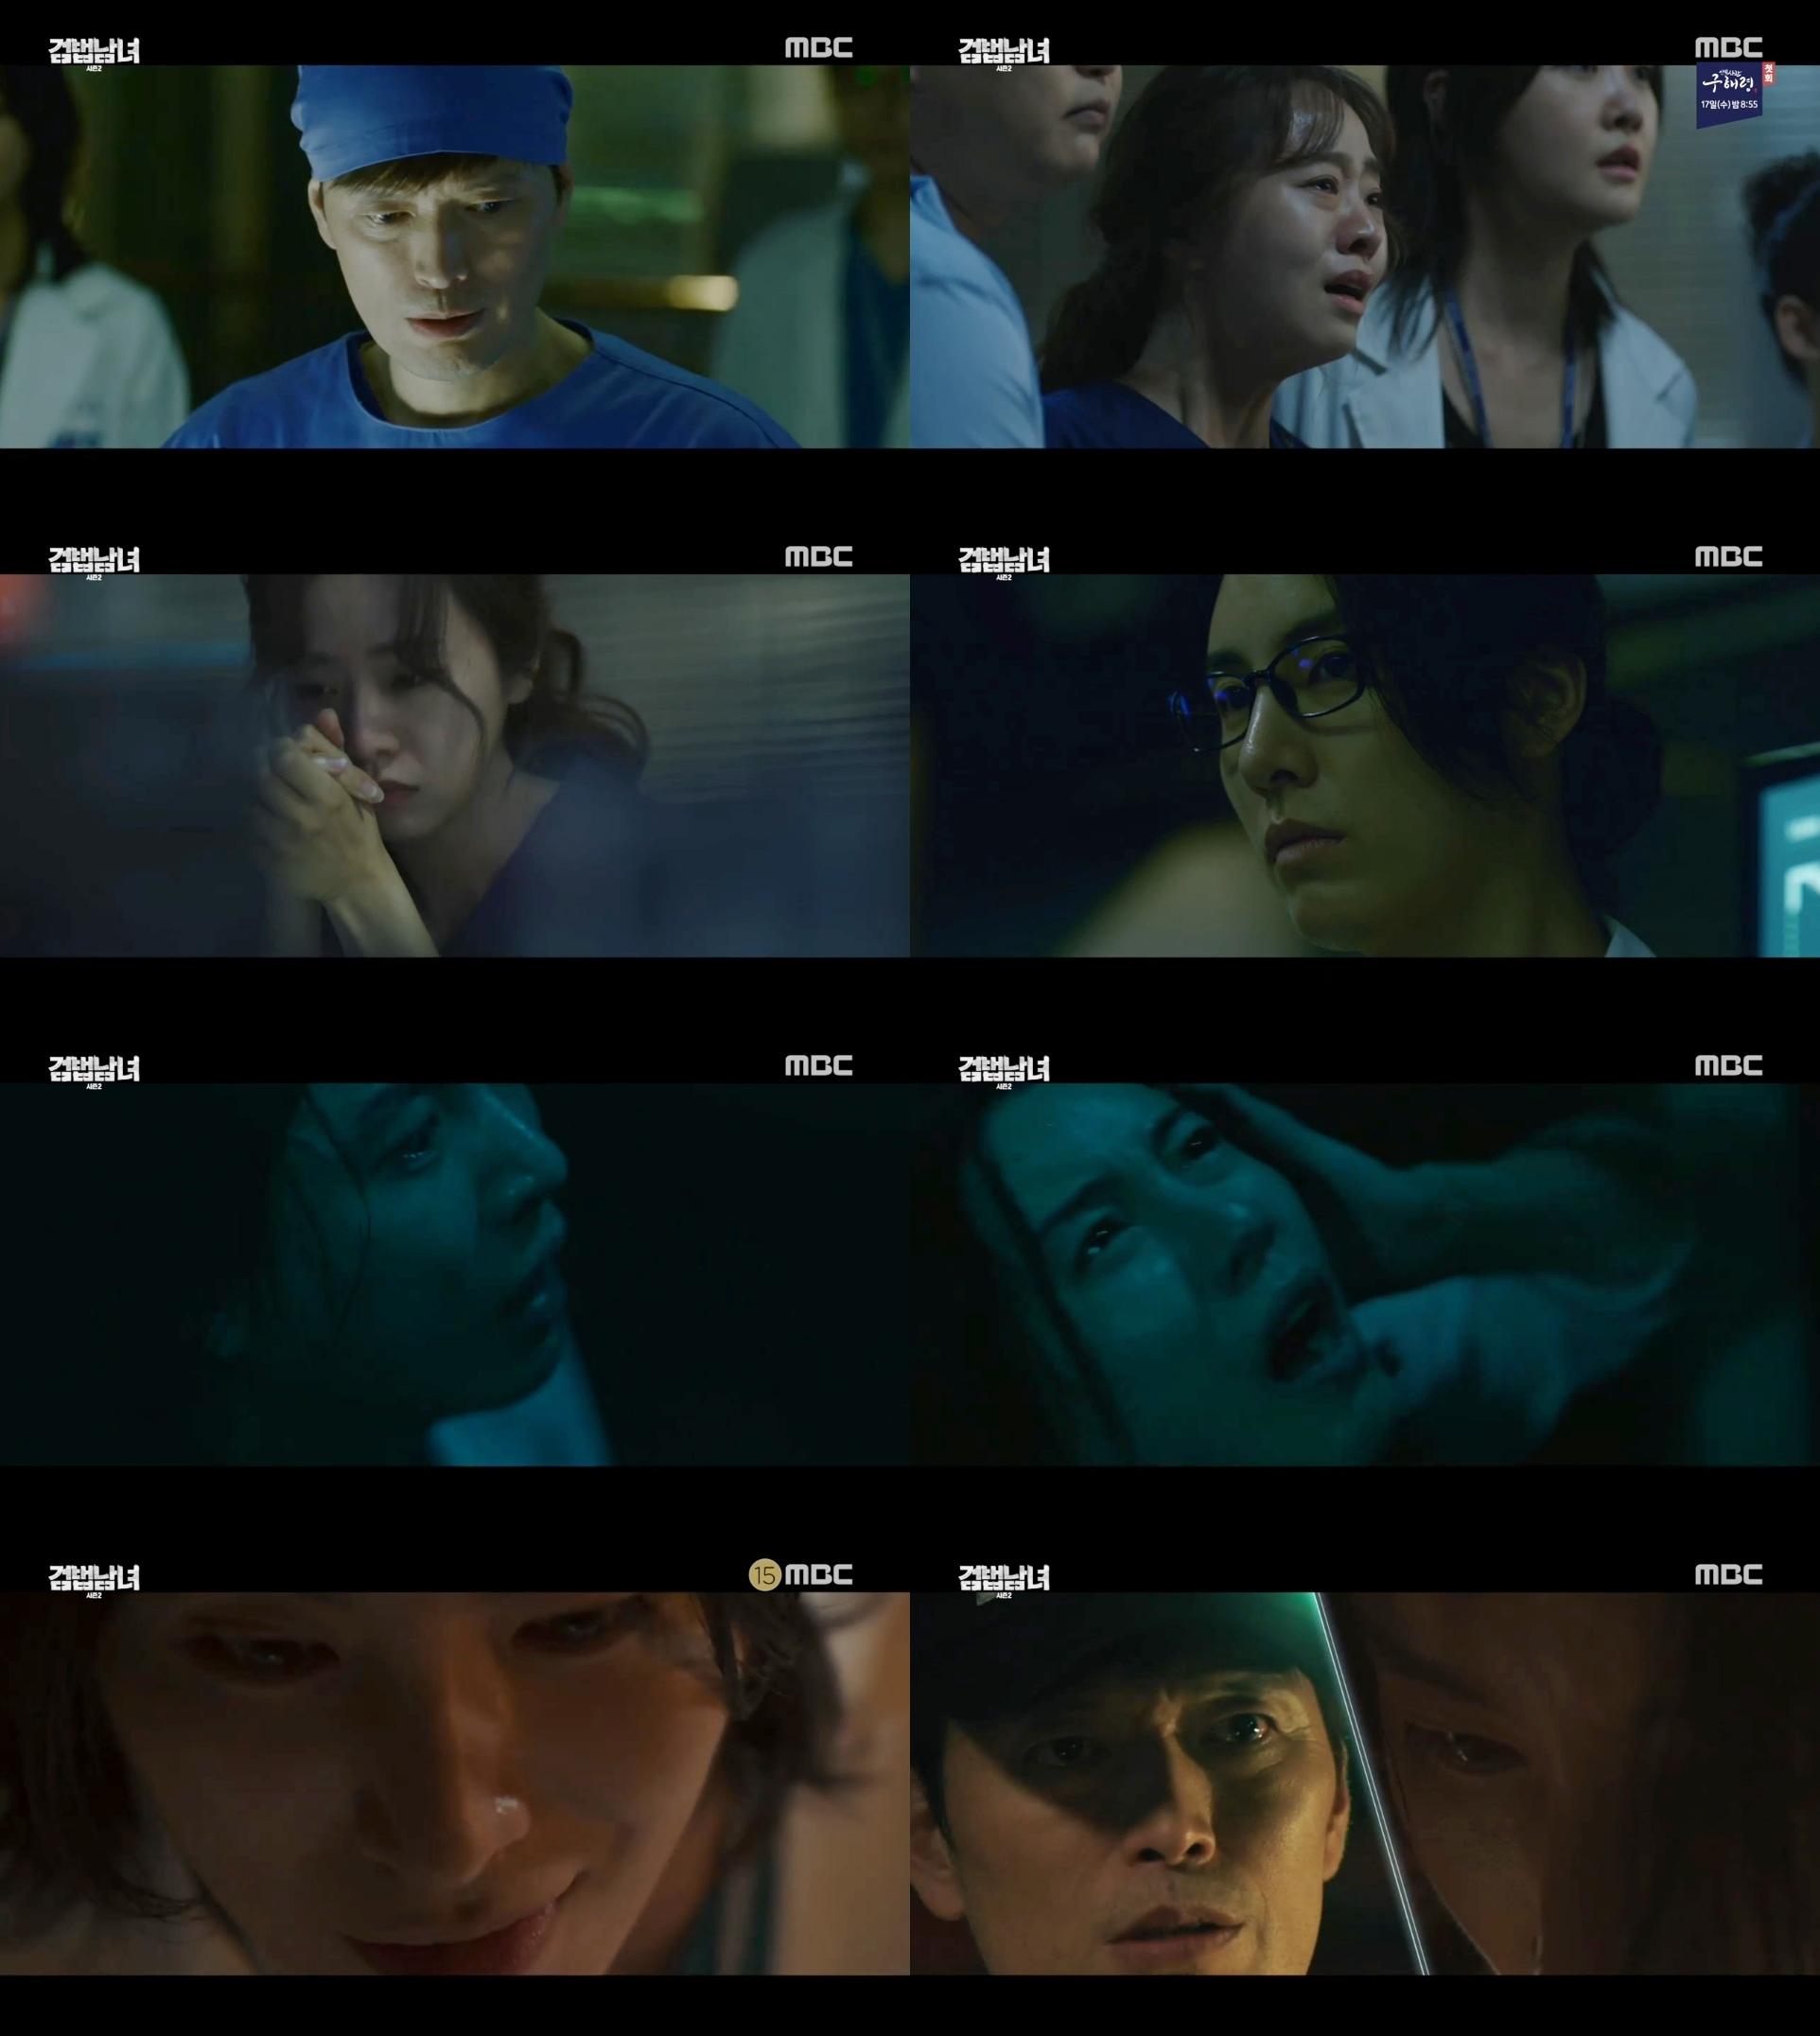 '검법남녀2' 노민우, 한서현 유괴+이중인격 발칵… 월화극 1위 수성 이미지-1